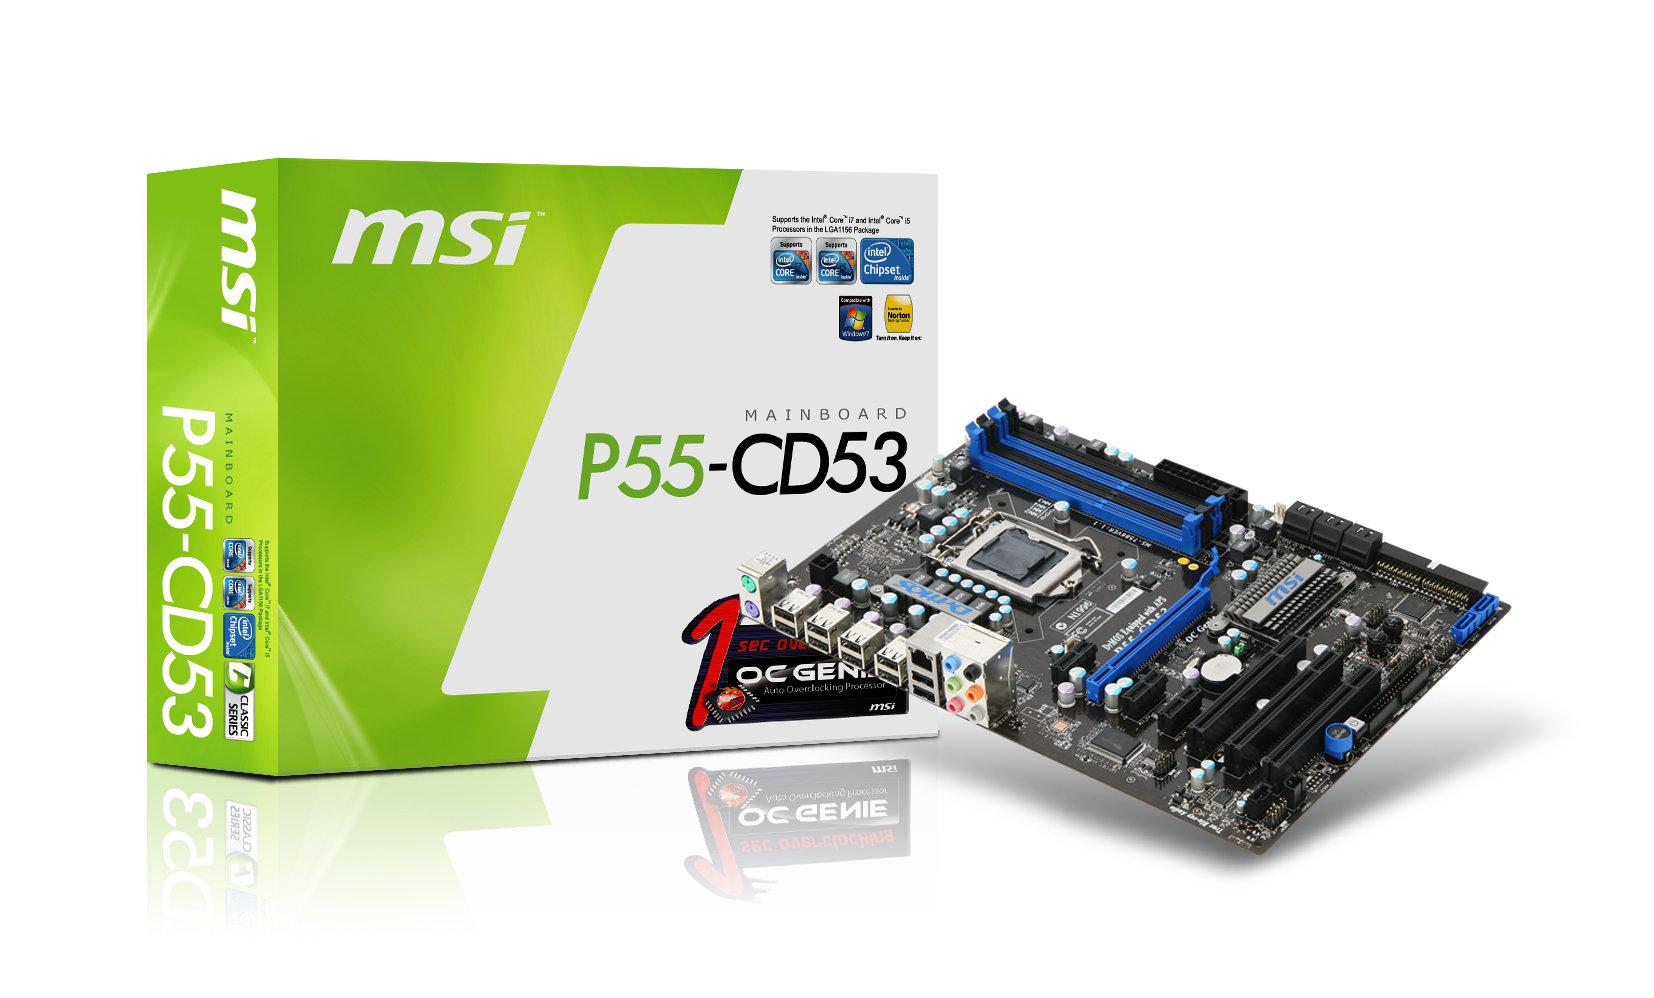 P55-CD53